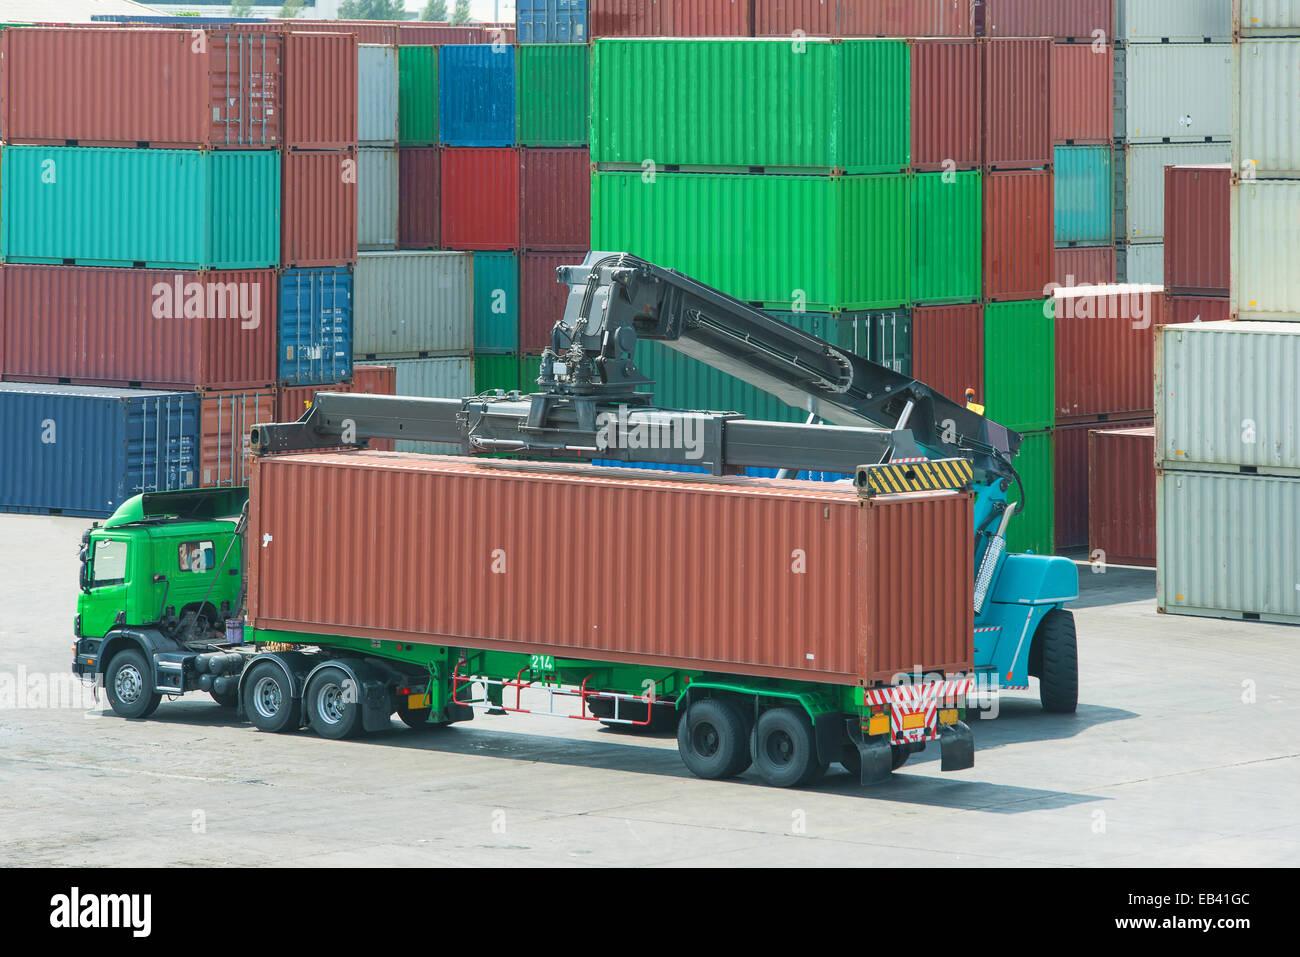 Lifter Umgang mit Containerbeladung Kasten LKW Kran Stockfoto, Bild ...